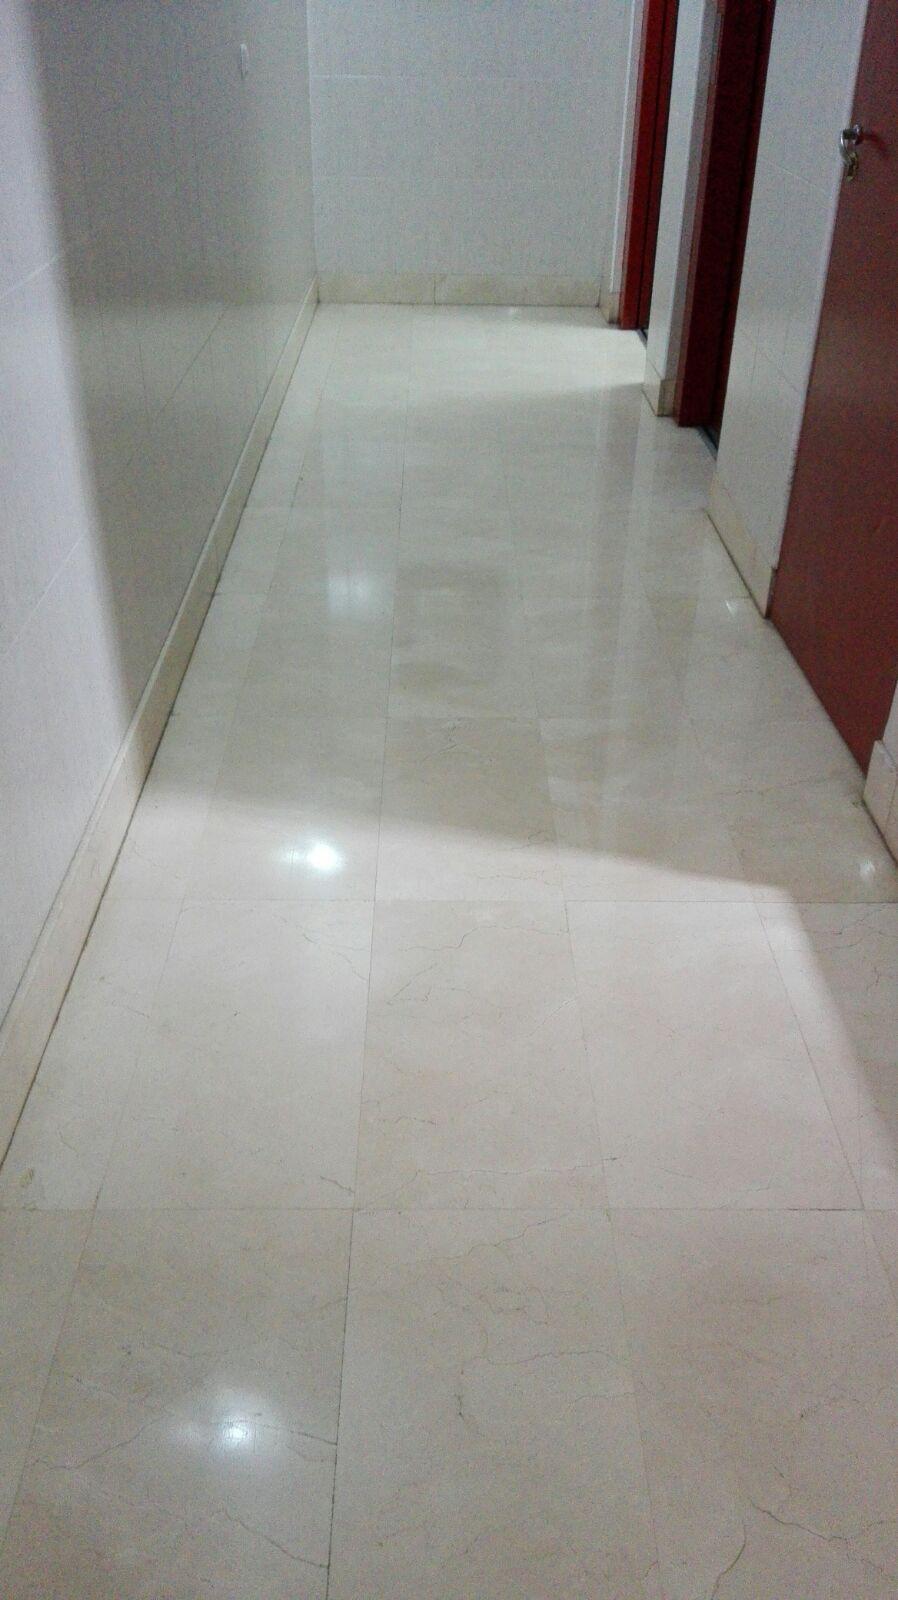 servicio-de-limpieza-en-vitoria-gasteiz-de-oficinas-suelos-mantenimiento-de-portales-con-precios-baratos-para-empresas